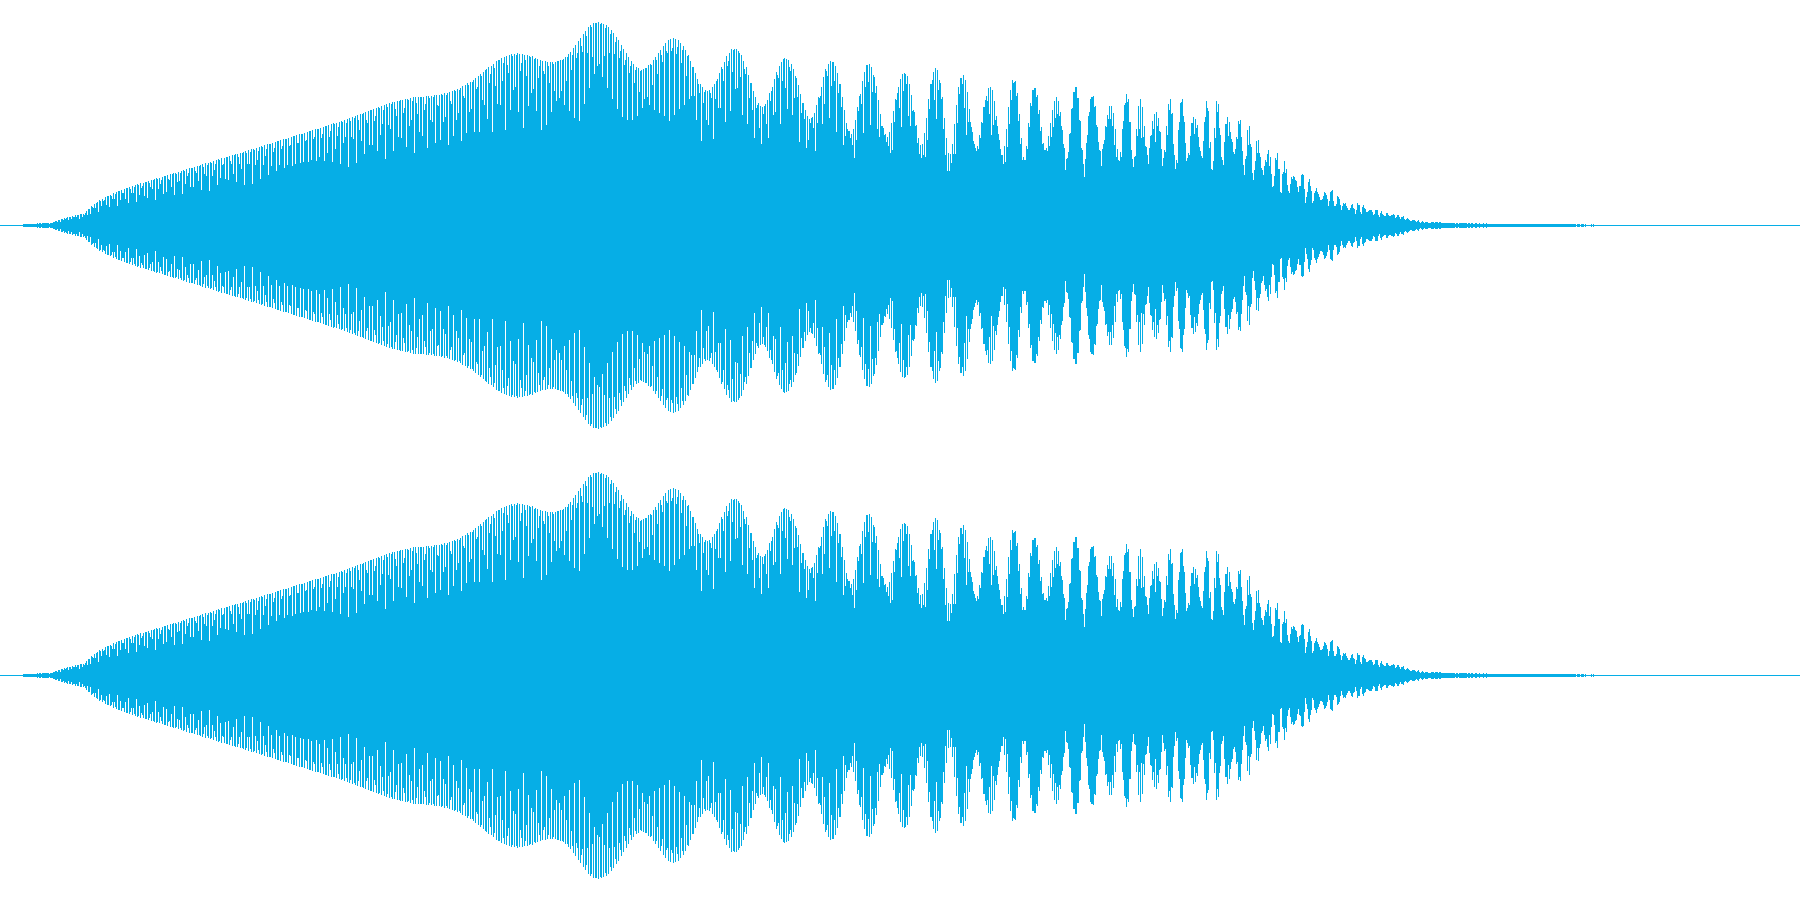 「ぷゎー」「ぽぃー」などの擬音です。「…の再生済みの波形